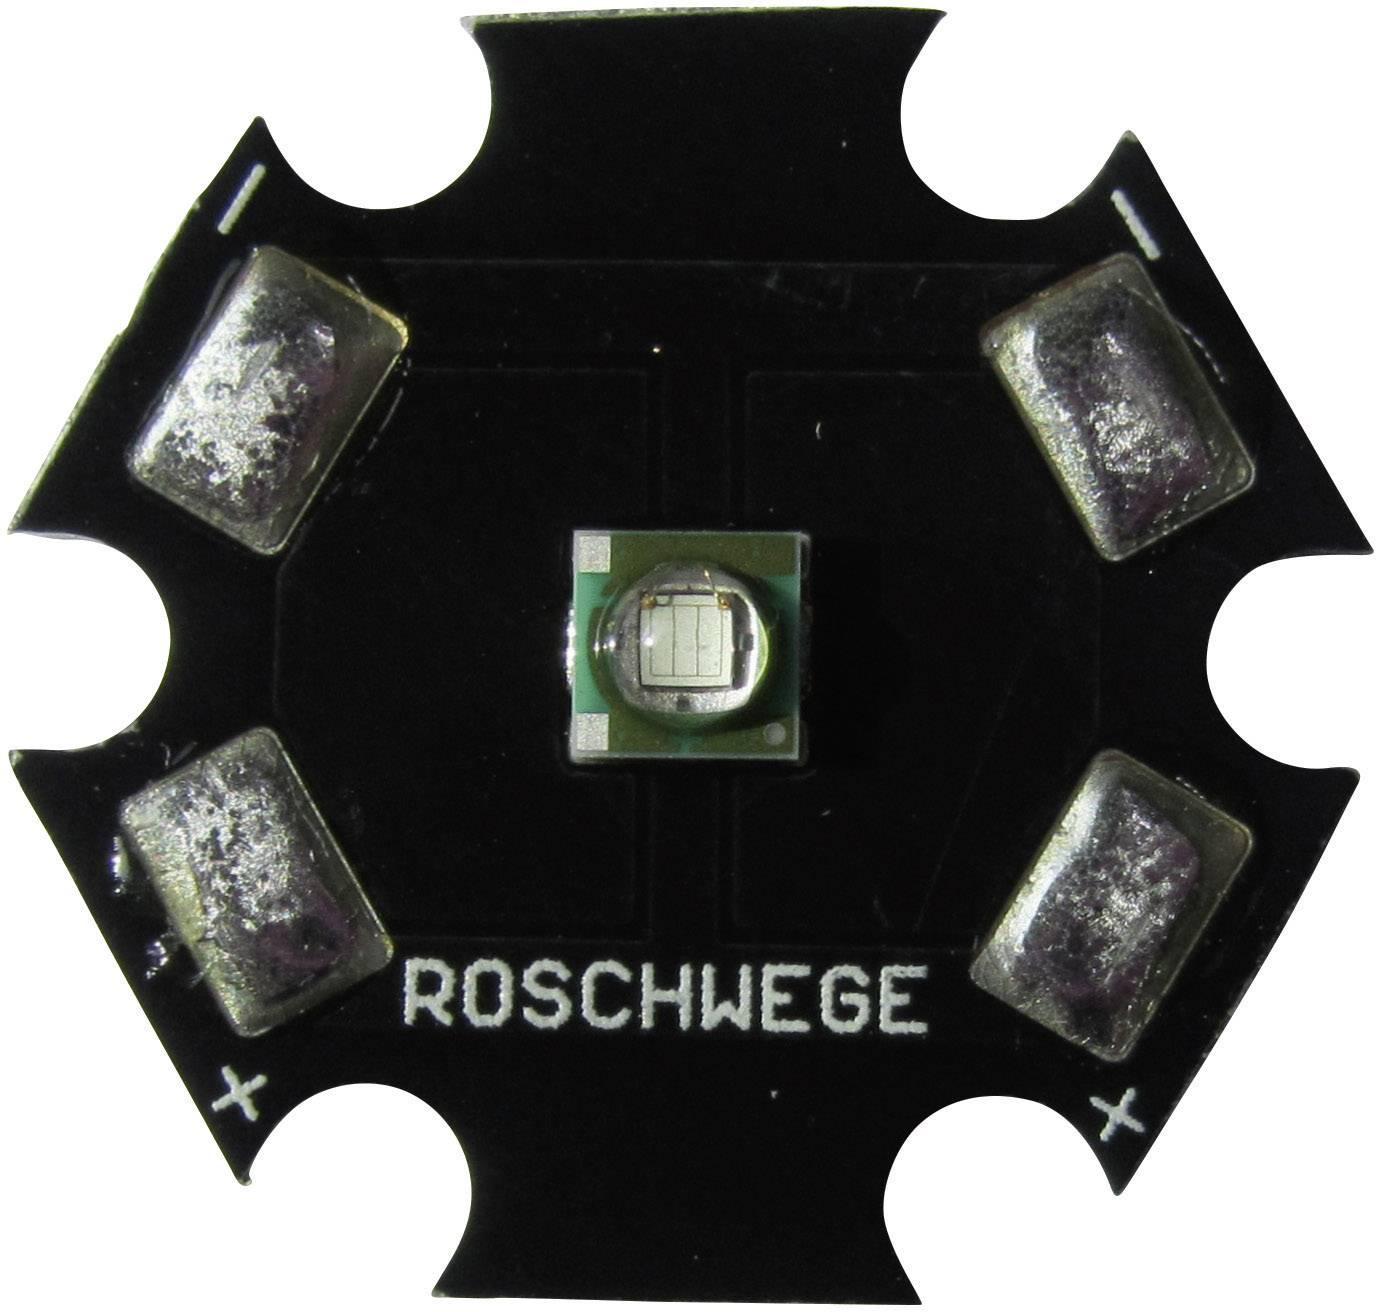 HighPower LED Roschwege 1 W, 2.5 V, 350 mA, sýto červená